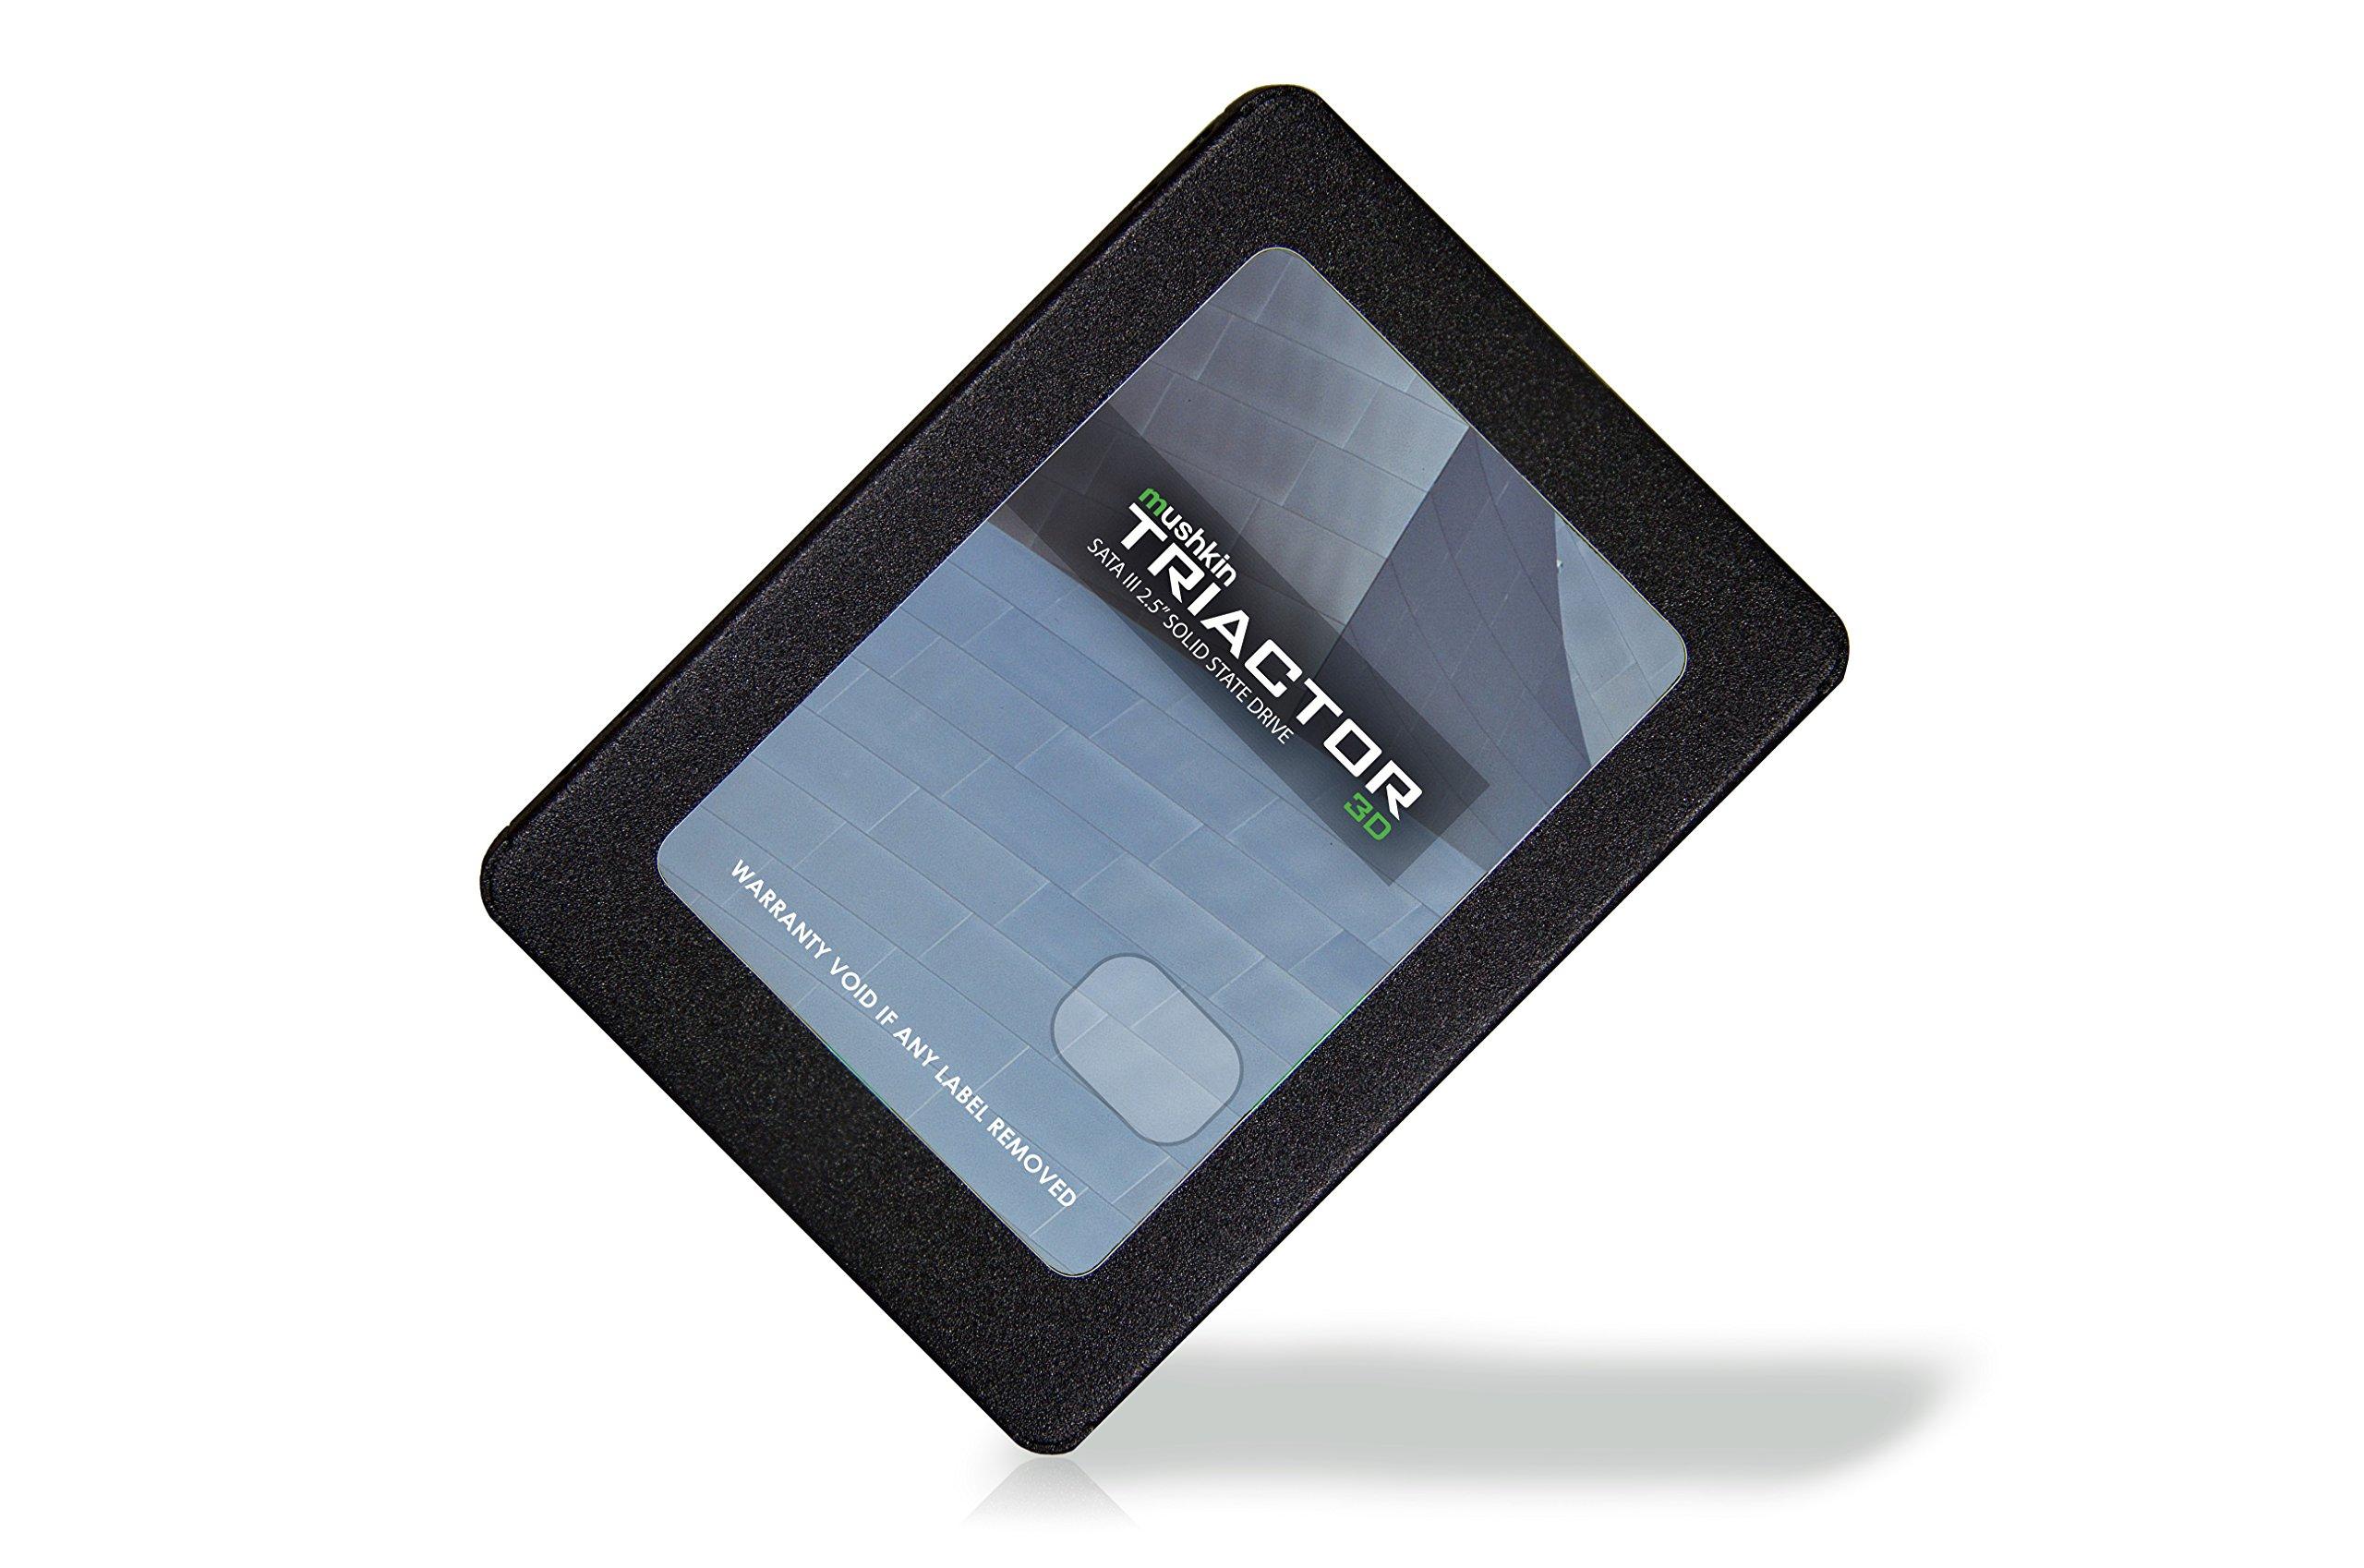 Mushkin TRIACTOR-3DL - 120GB Internal Solid State Drive (SSD) - 2.5 Inch - SATA III - 6Gb/s - 3D Vertical TLC - 7mm (MKNSSDTR120GB-3DL) by Mushkin (Image #2)